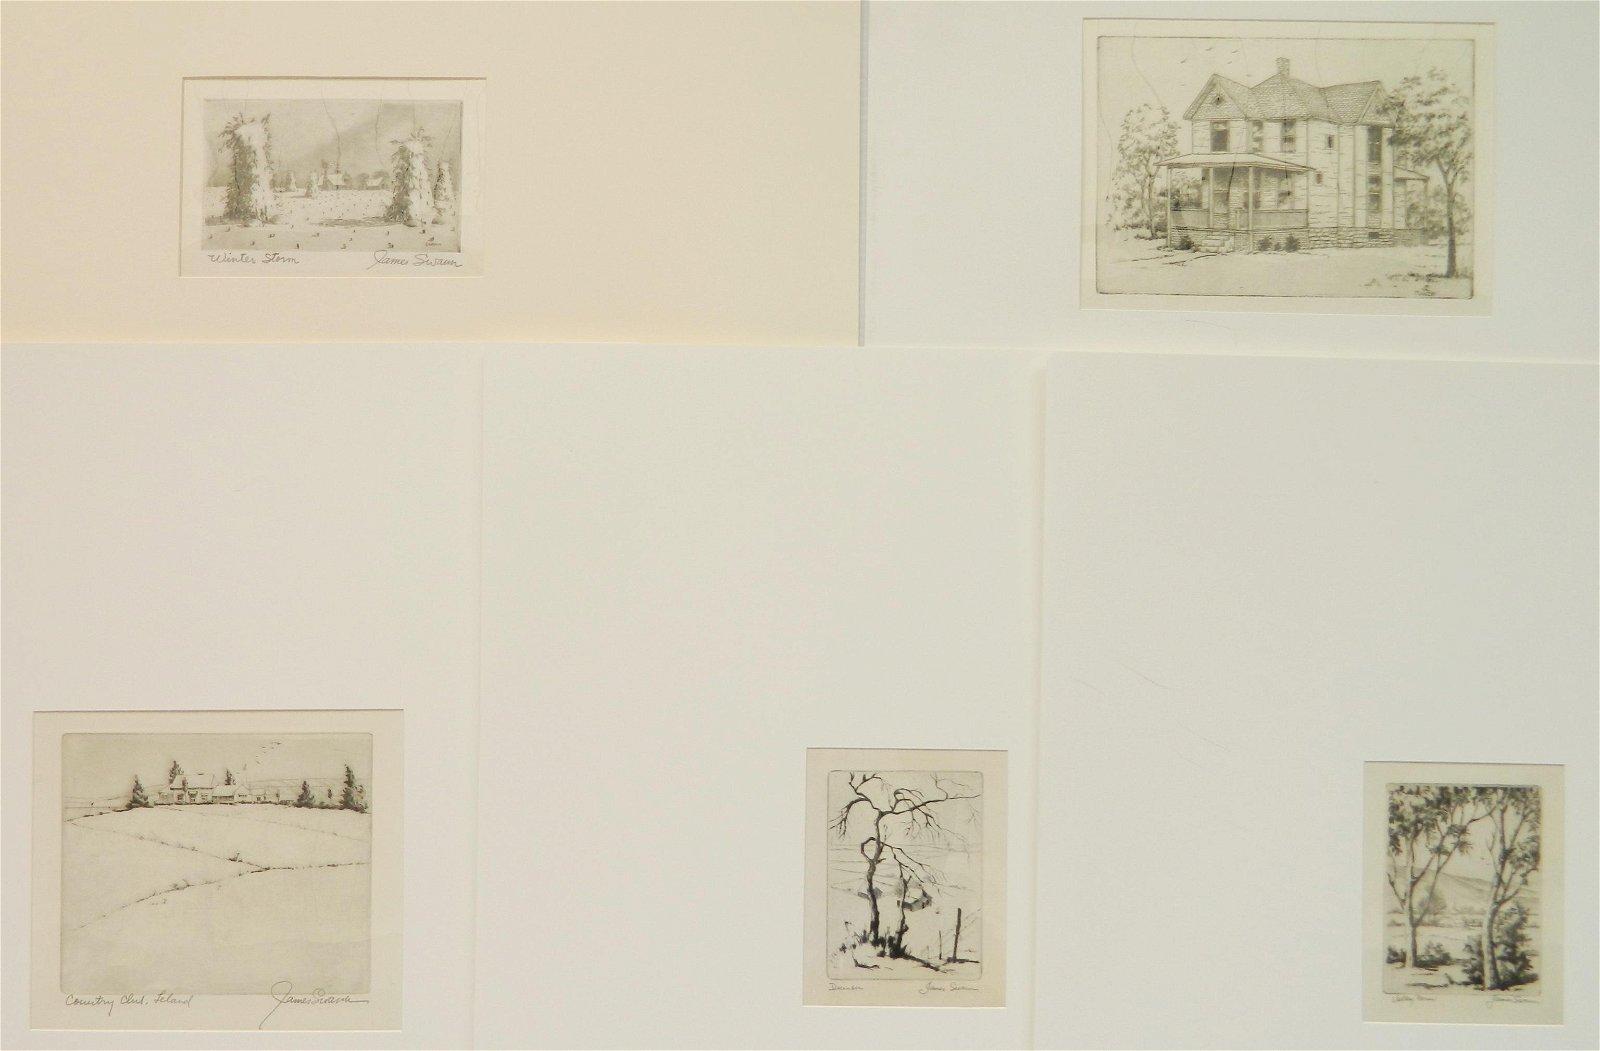 5 James Swann etchings